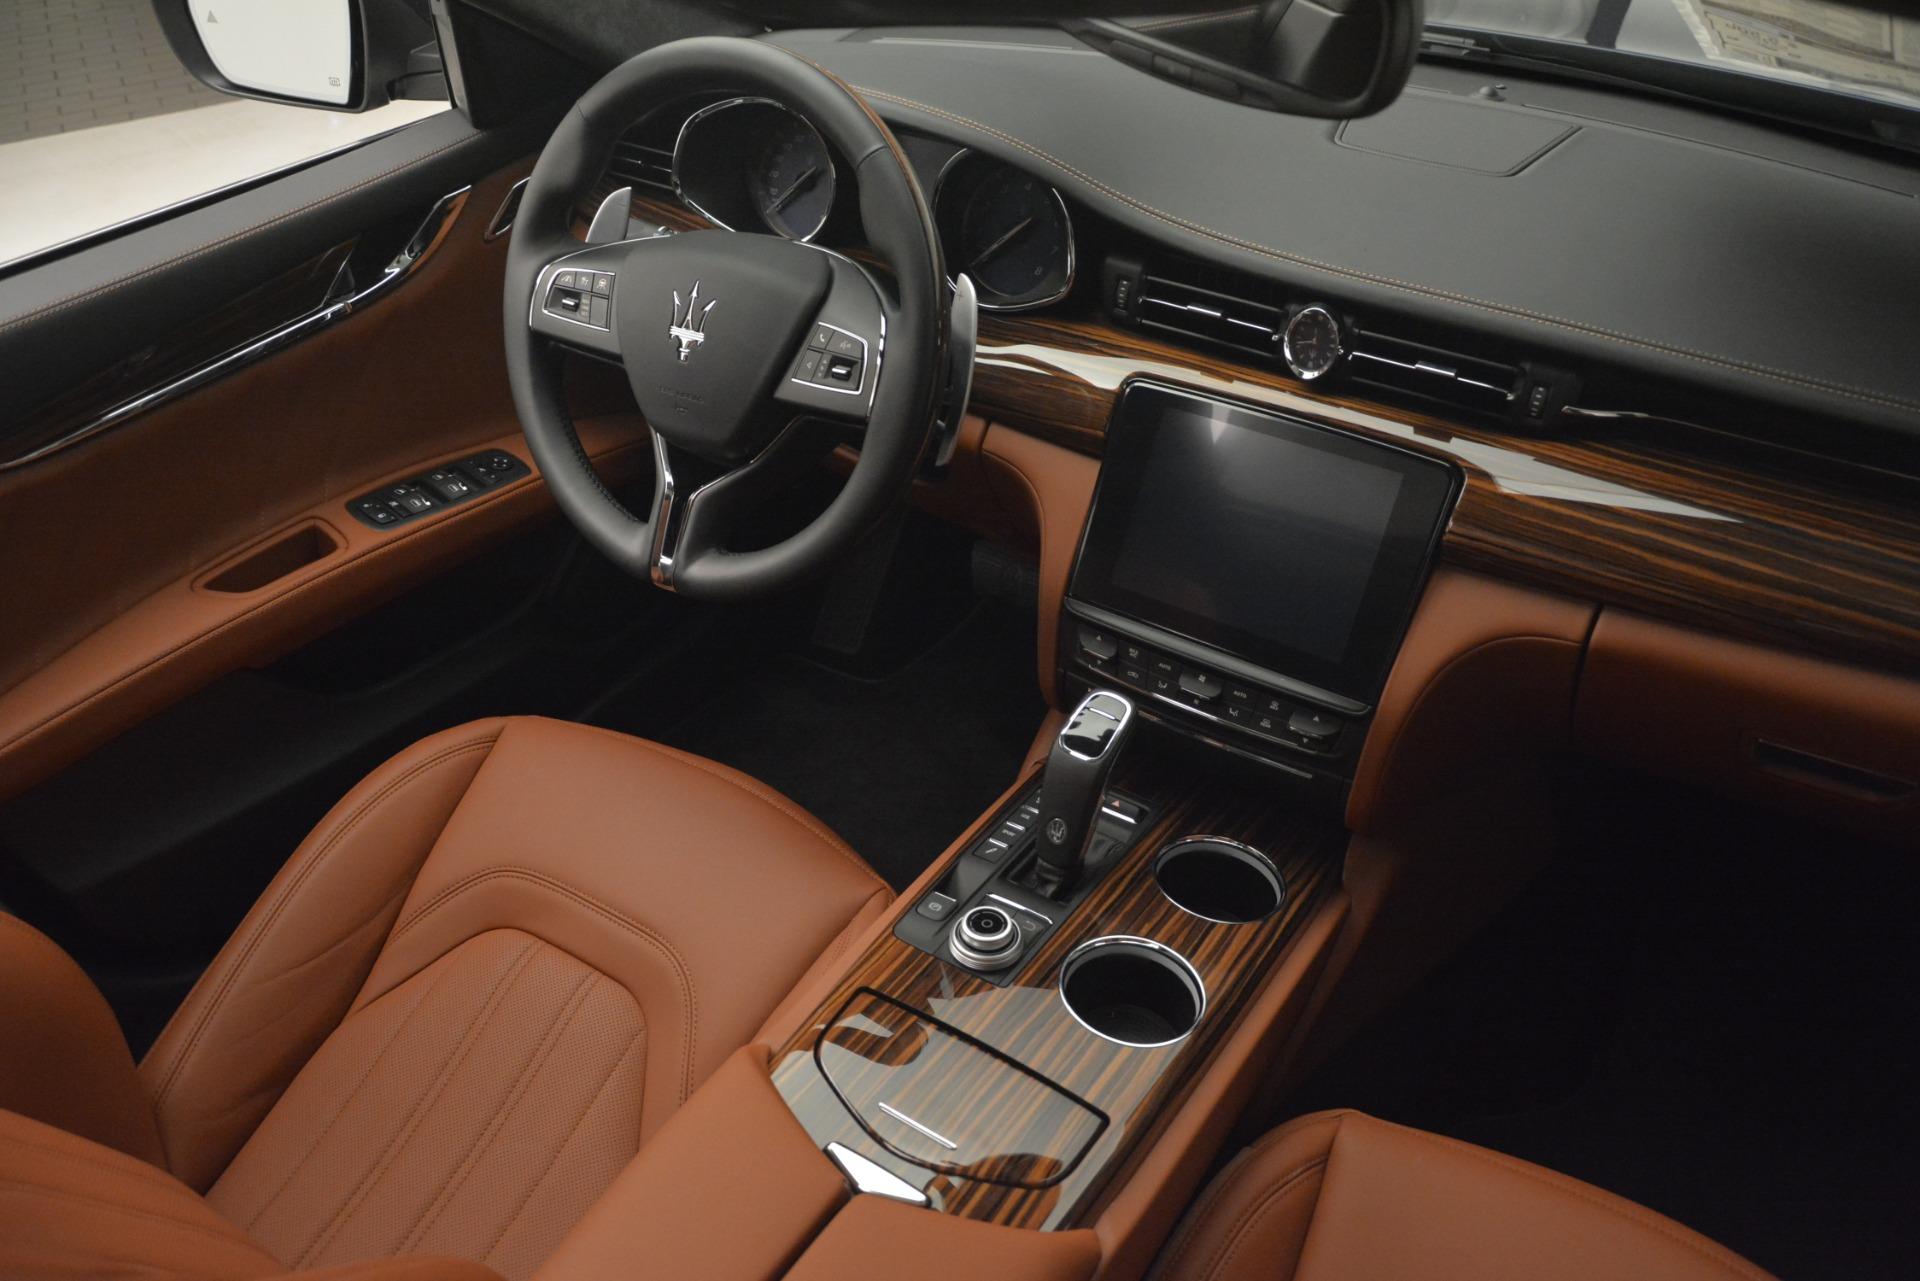 New 2019 Maserati Quattroporte S Q4 GranLusso For Sale In Greenwich, CT. Alfa Romeo of Greenwich, M2231 2803_p16